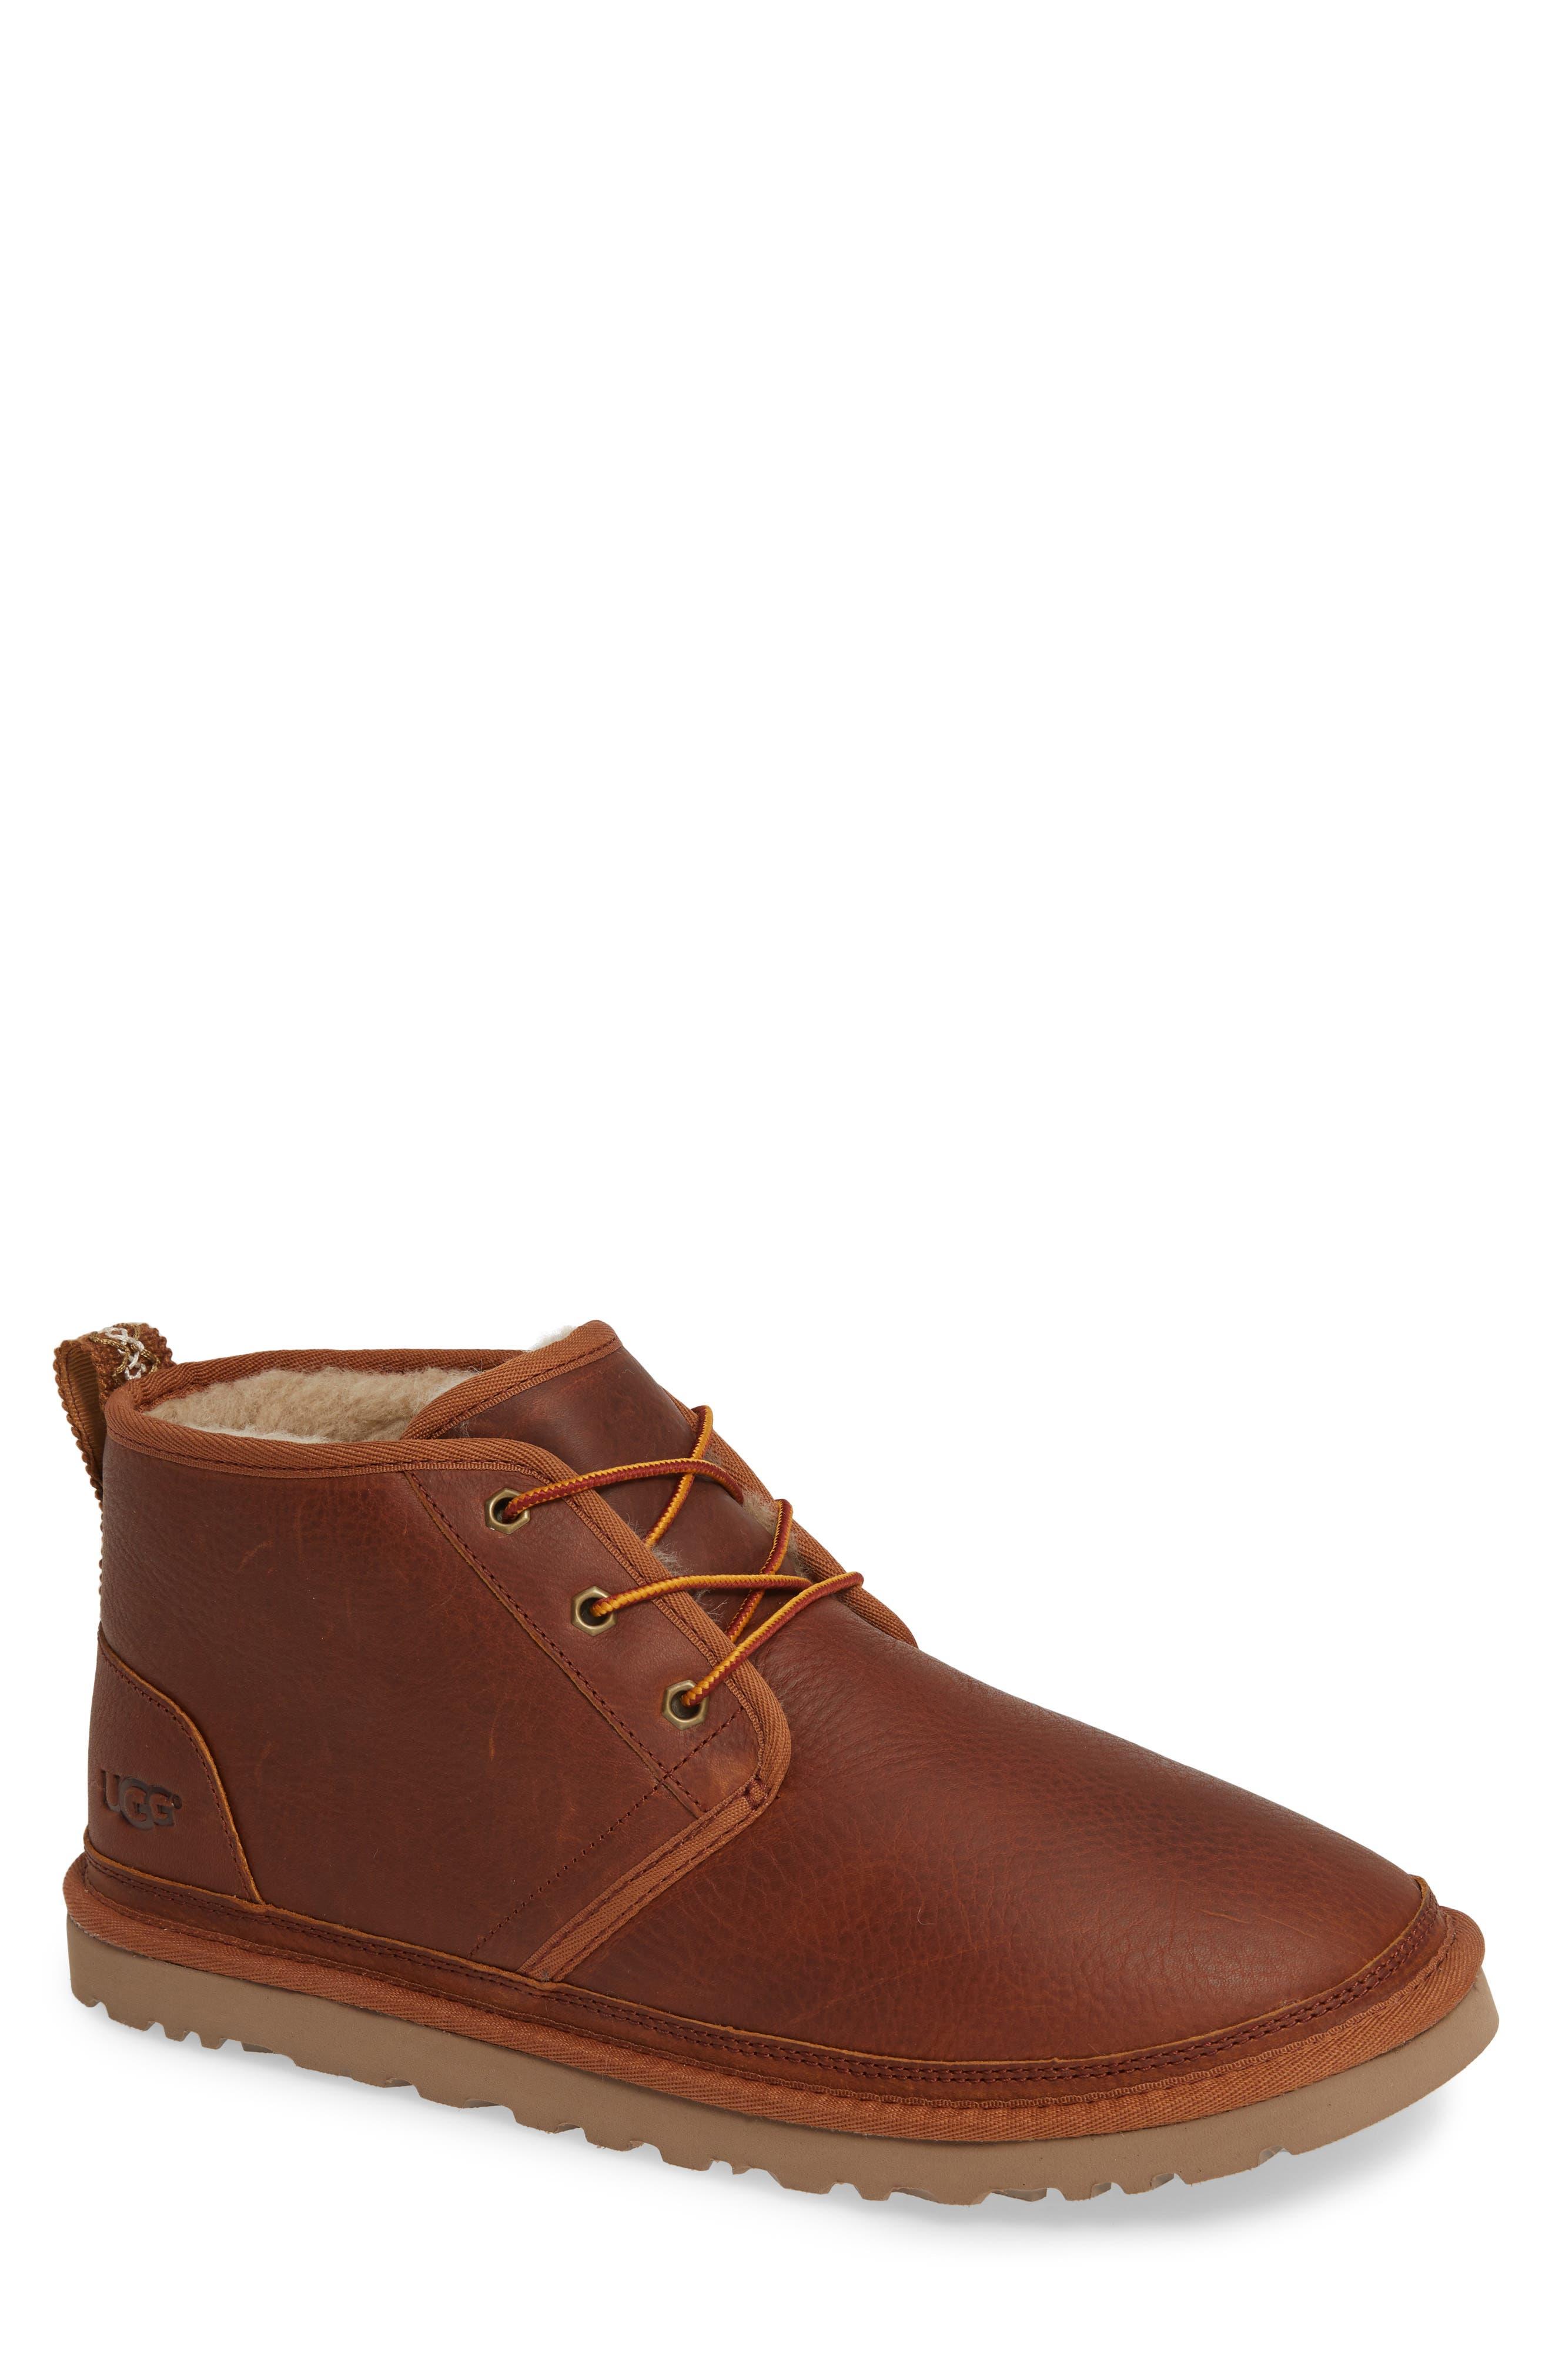 Neumel Chukka Boot,                         Main,                         color, CHESTNUT